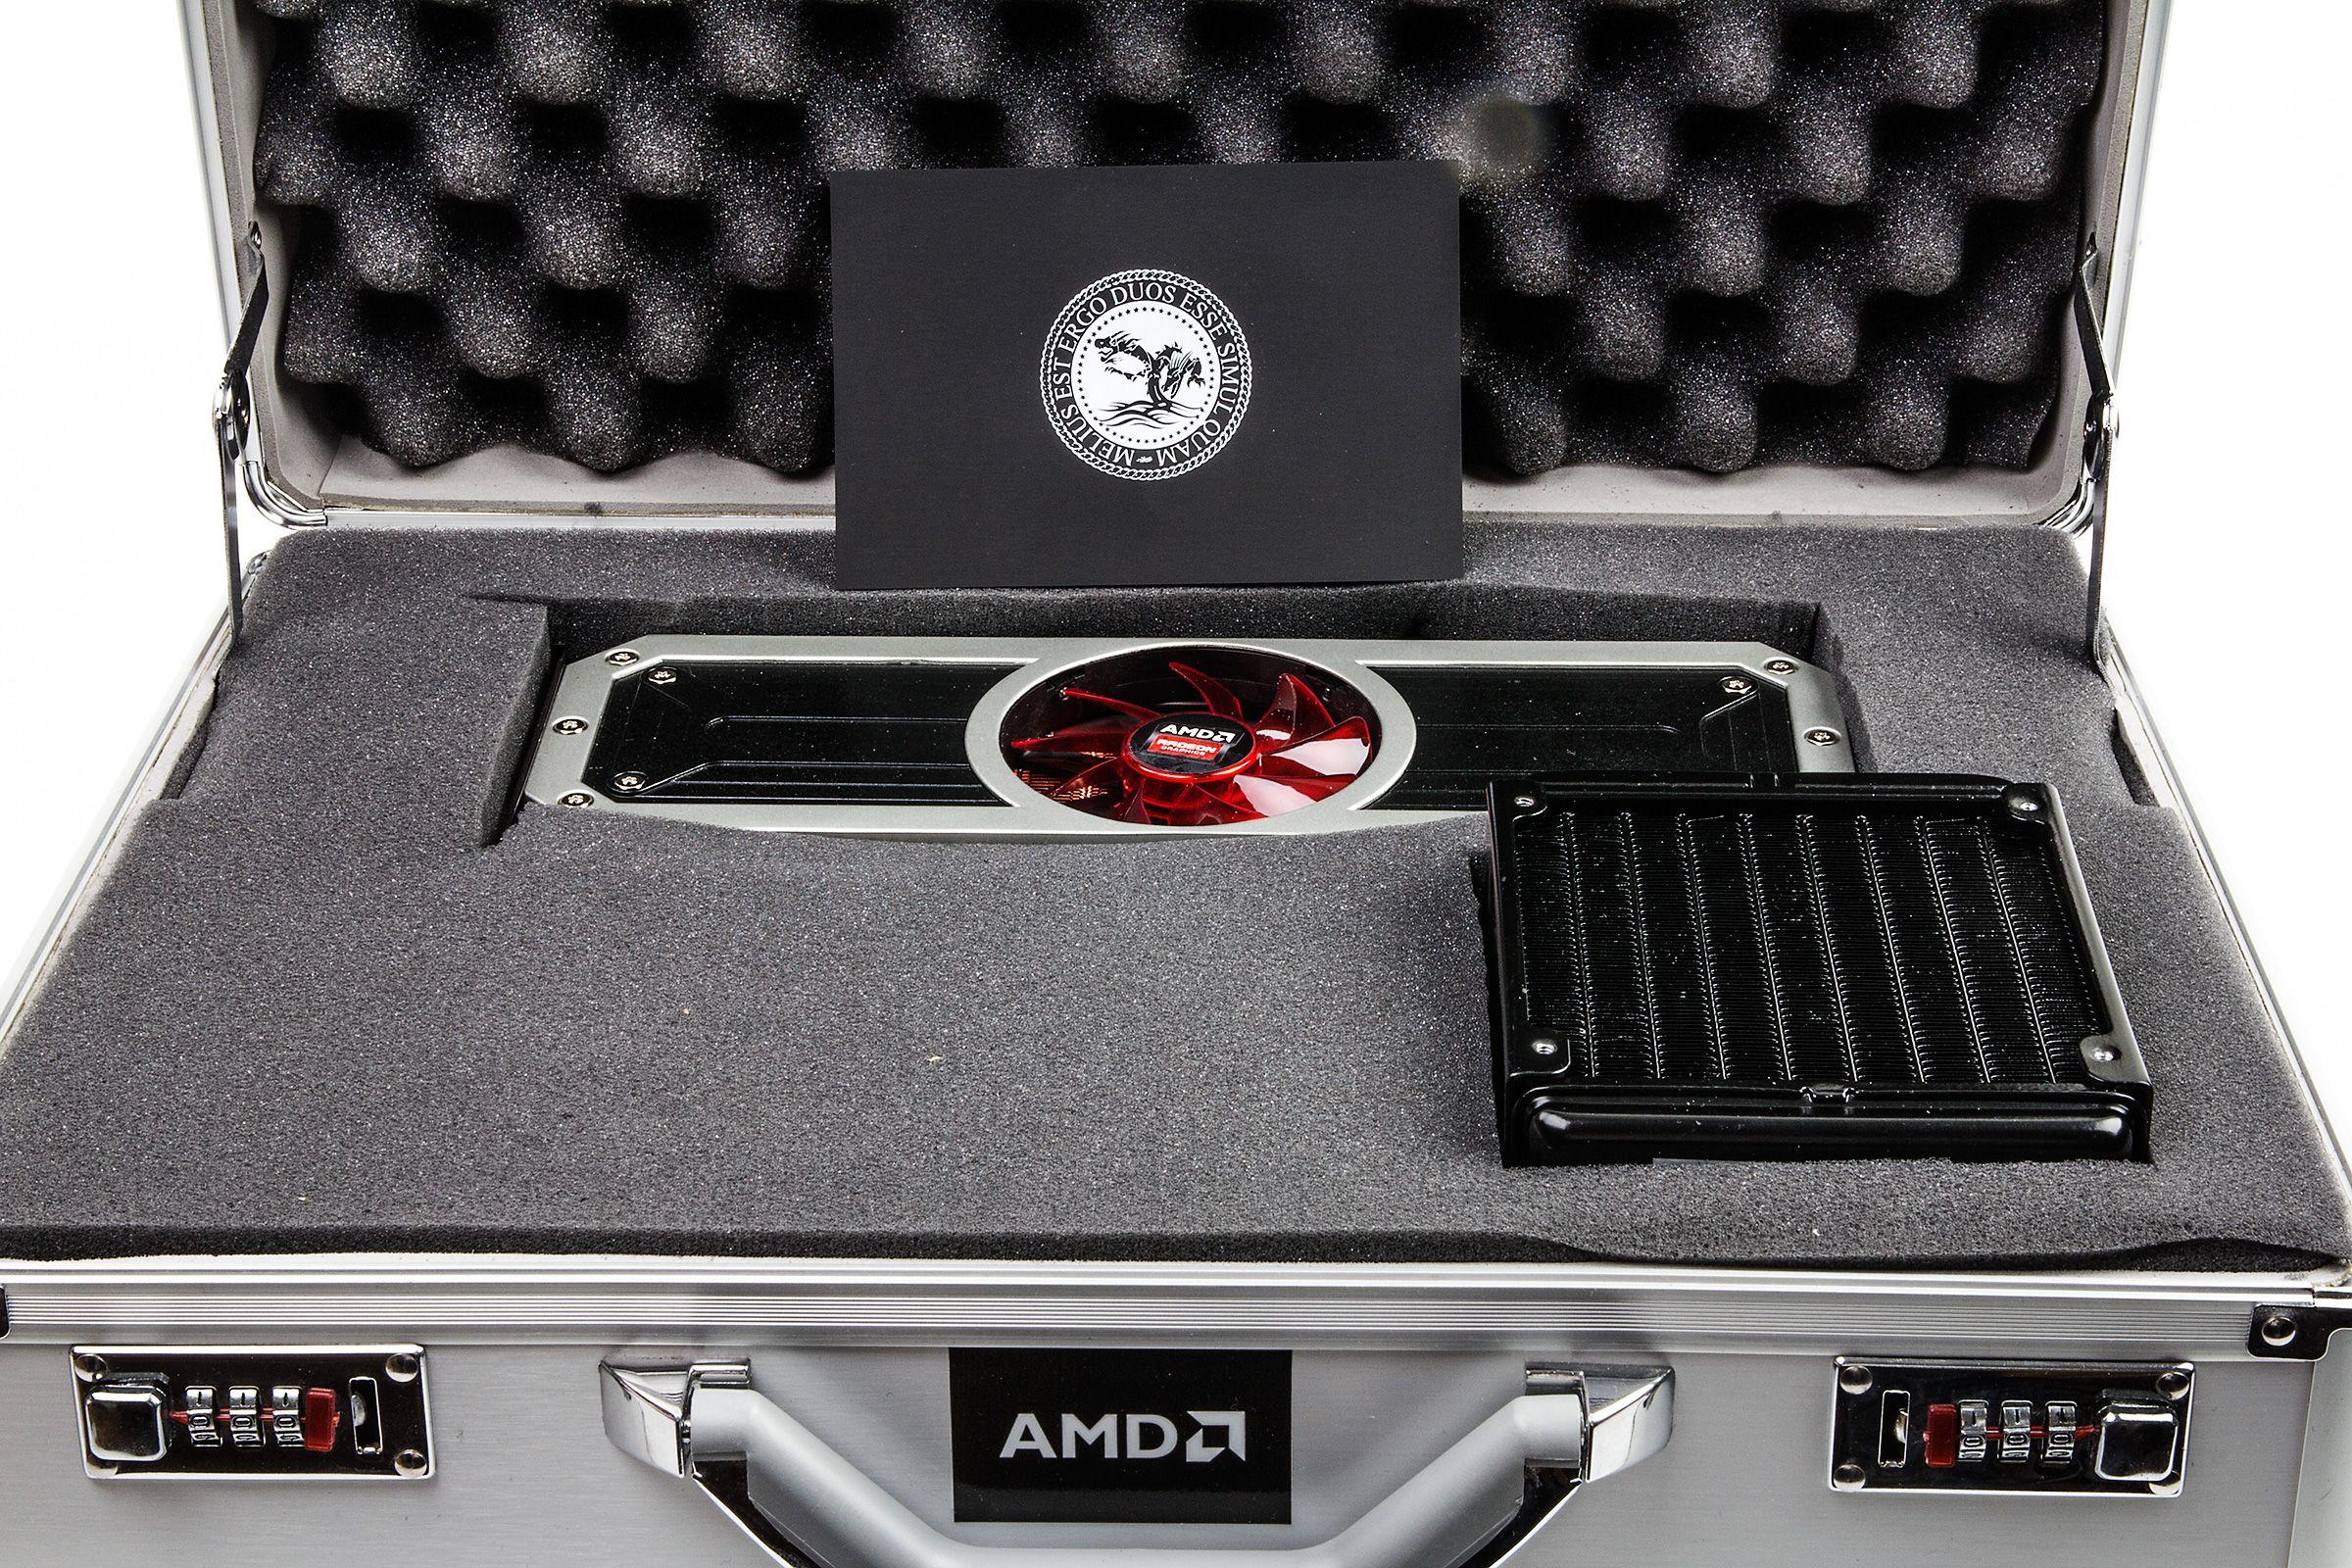 Et dobbeltkjernet Radeon-kort, komplett med både vifte og radiator, pakket i metallkoffert – en kunne nesten begynne å lure om AMD har fått noen tips fra Asus sin ROG-avdeling?Foto: Varg Aamo, Hardware.no